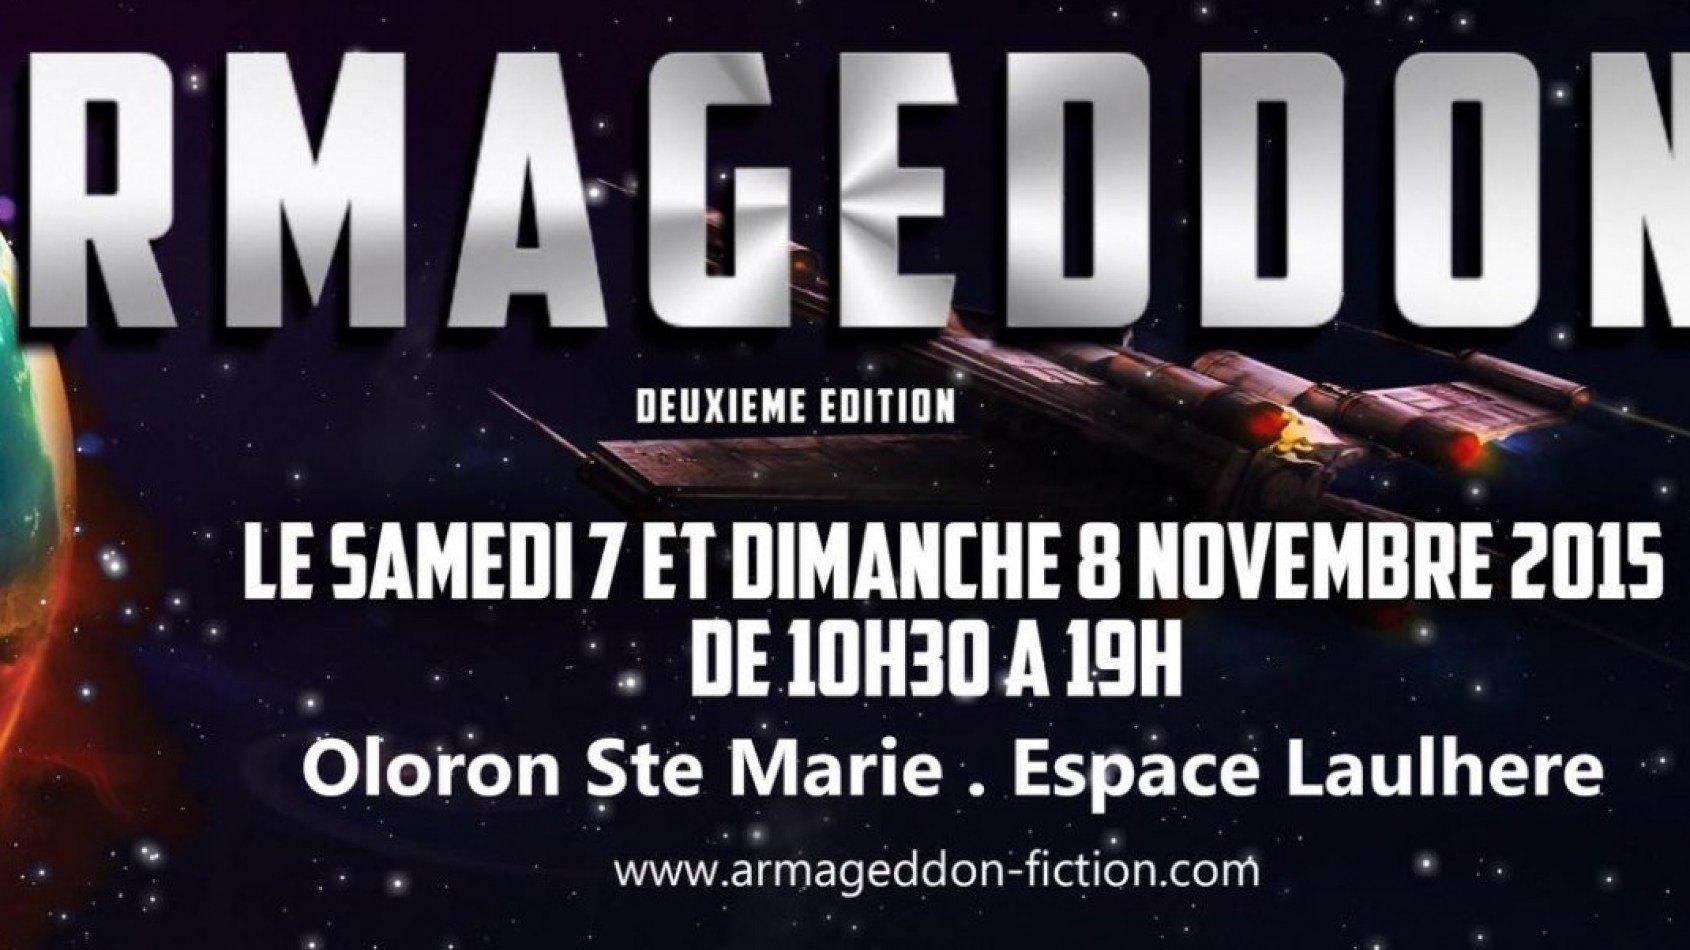 Le salon Armageddon, c'est dans un mois !